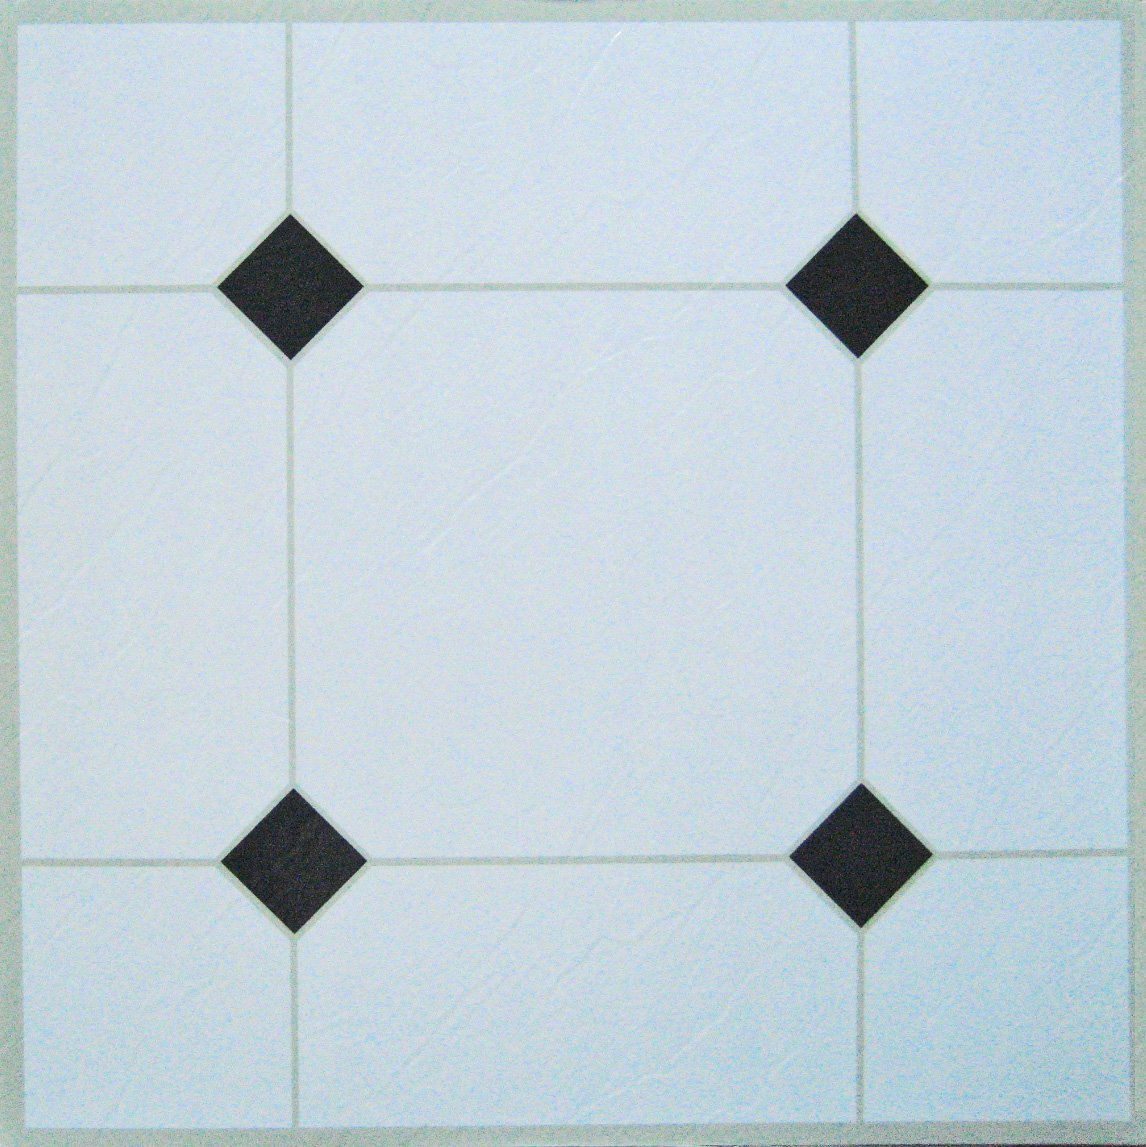 Migliori mattonelle per pavimenti opinioni e prezzi for Materiale per mattonelle